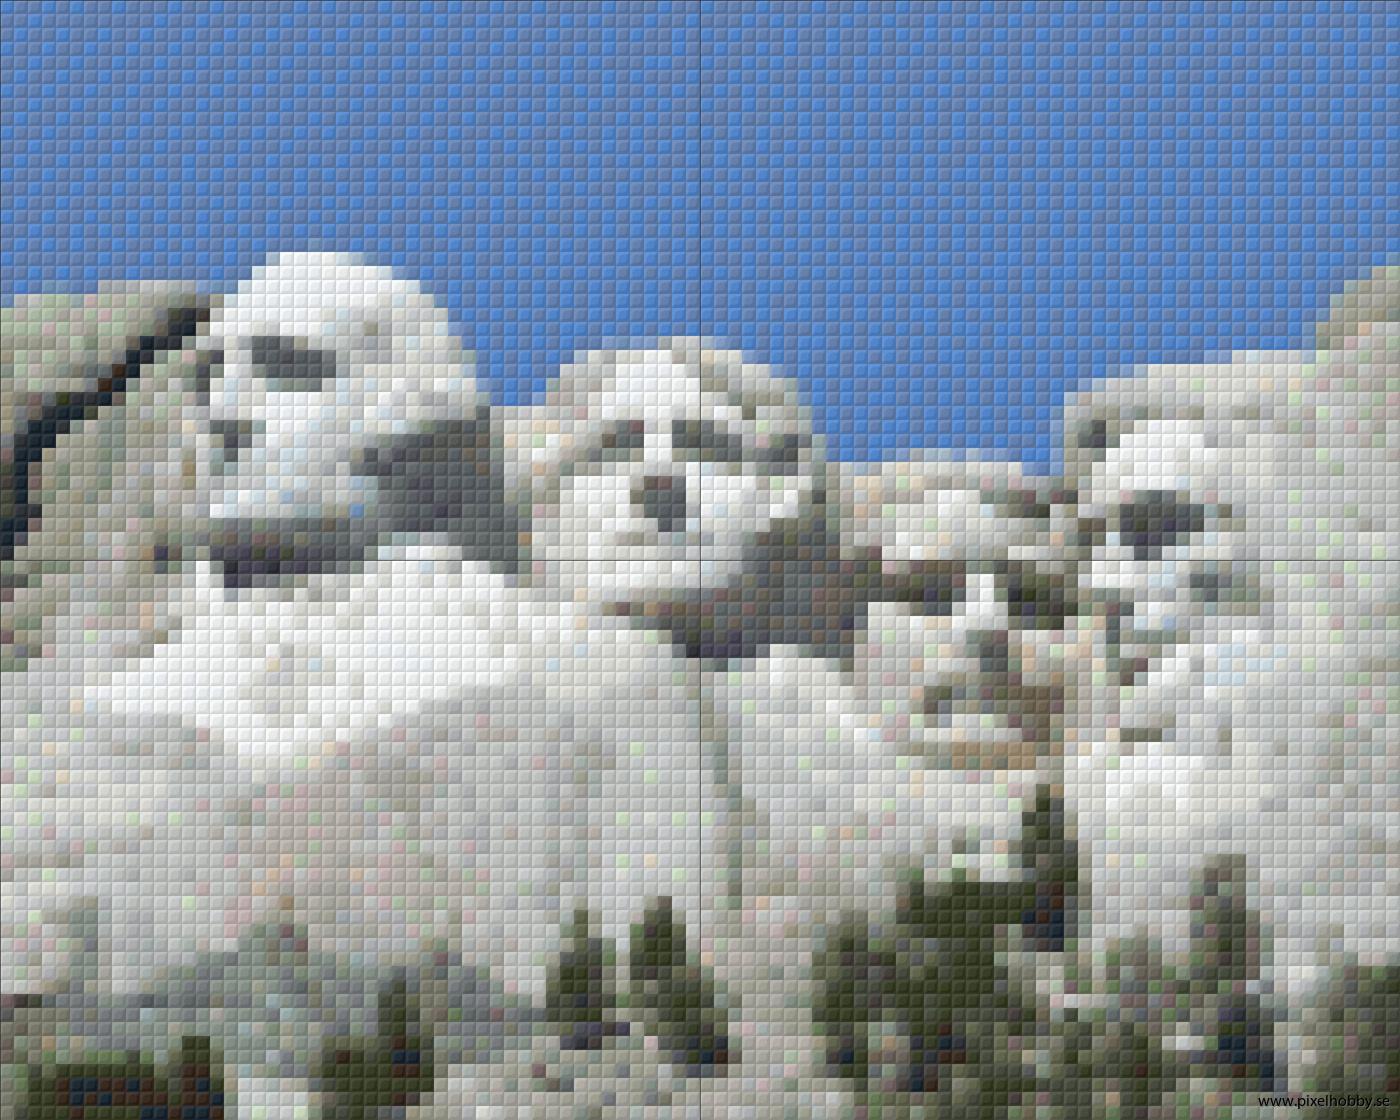 Mount Rushmore 4rbp